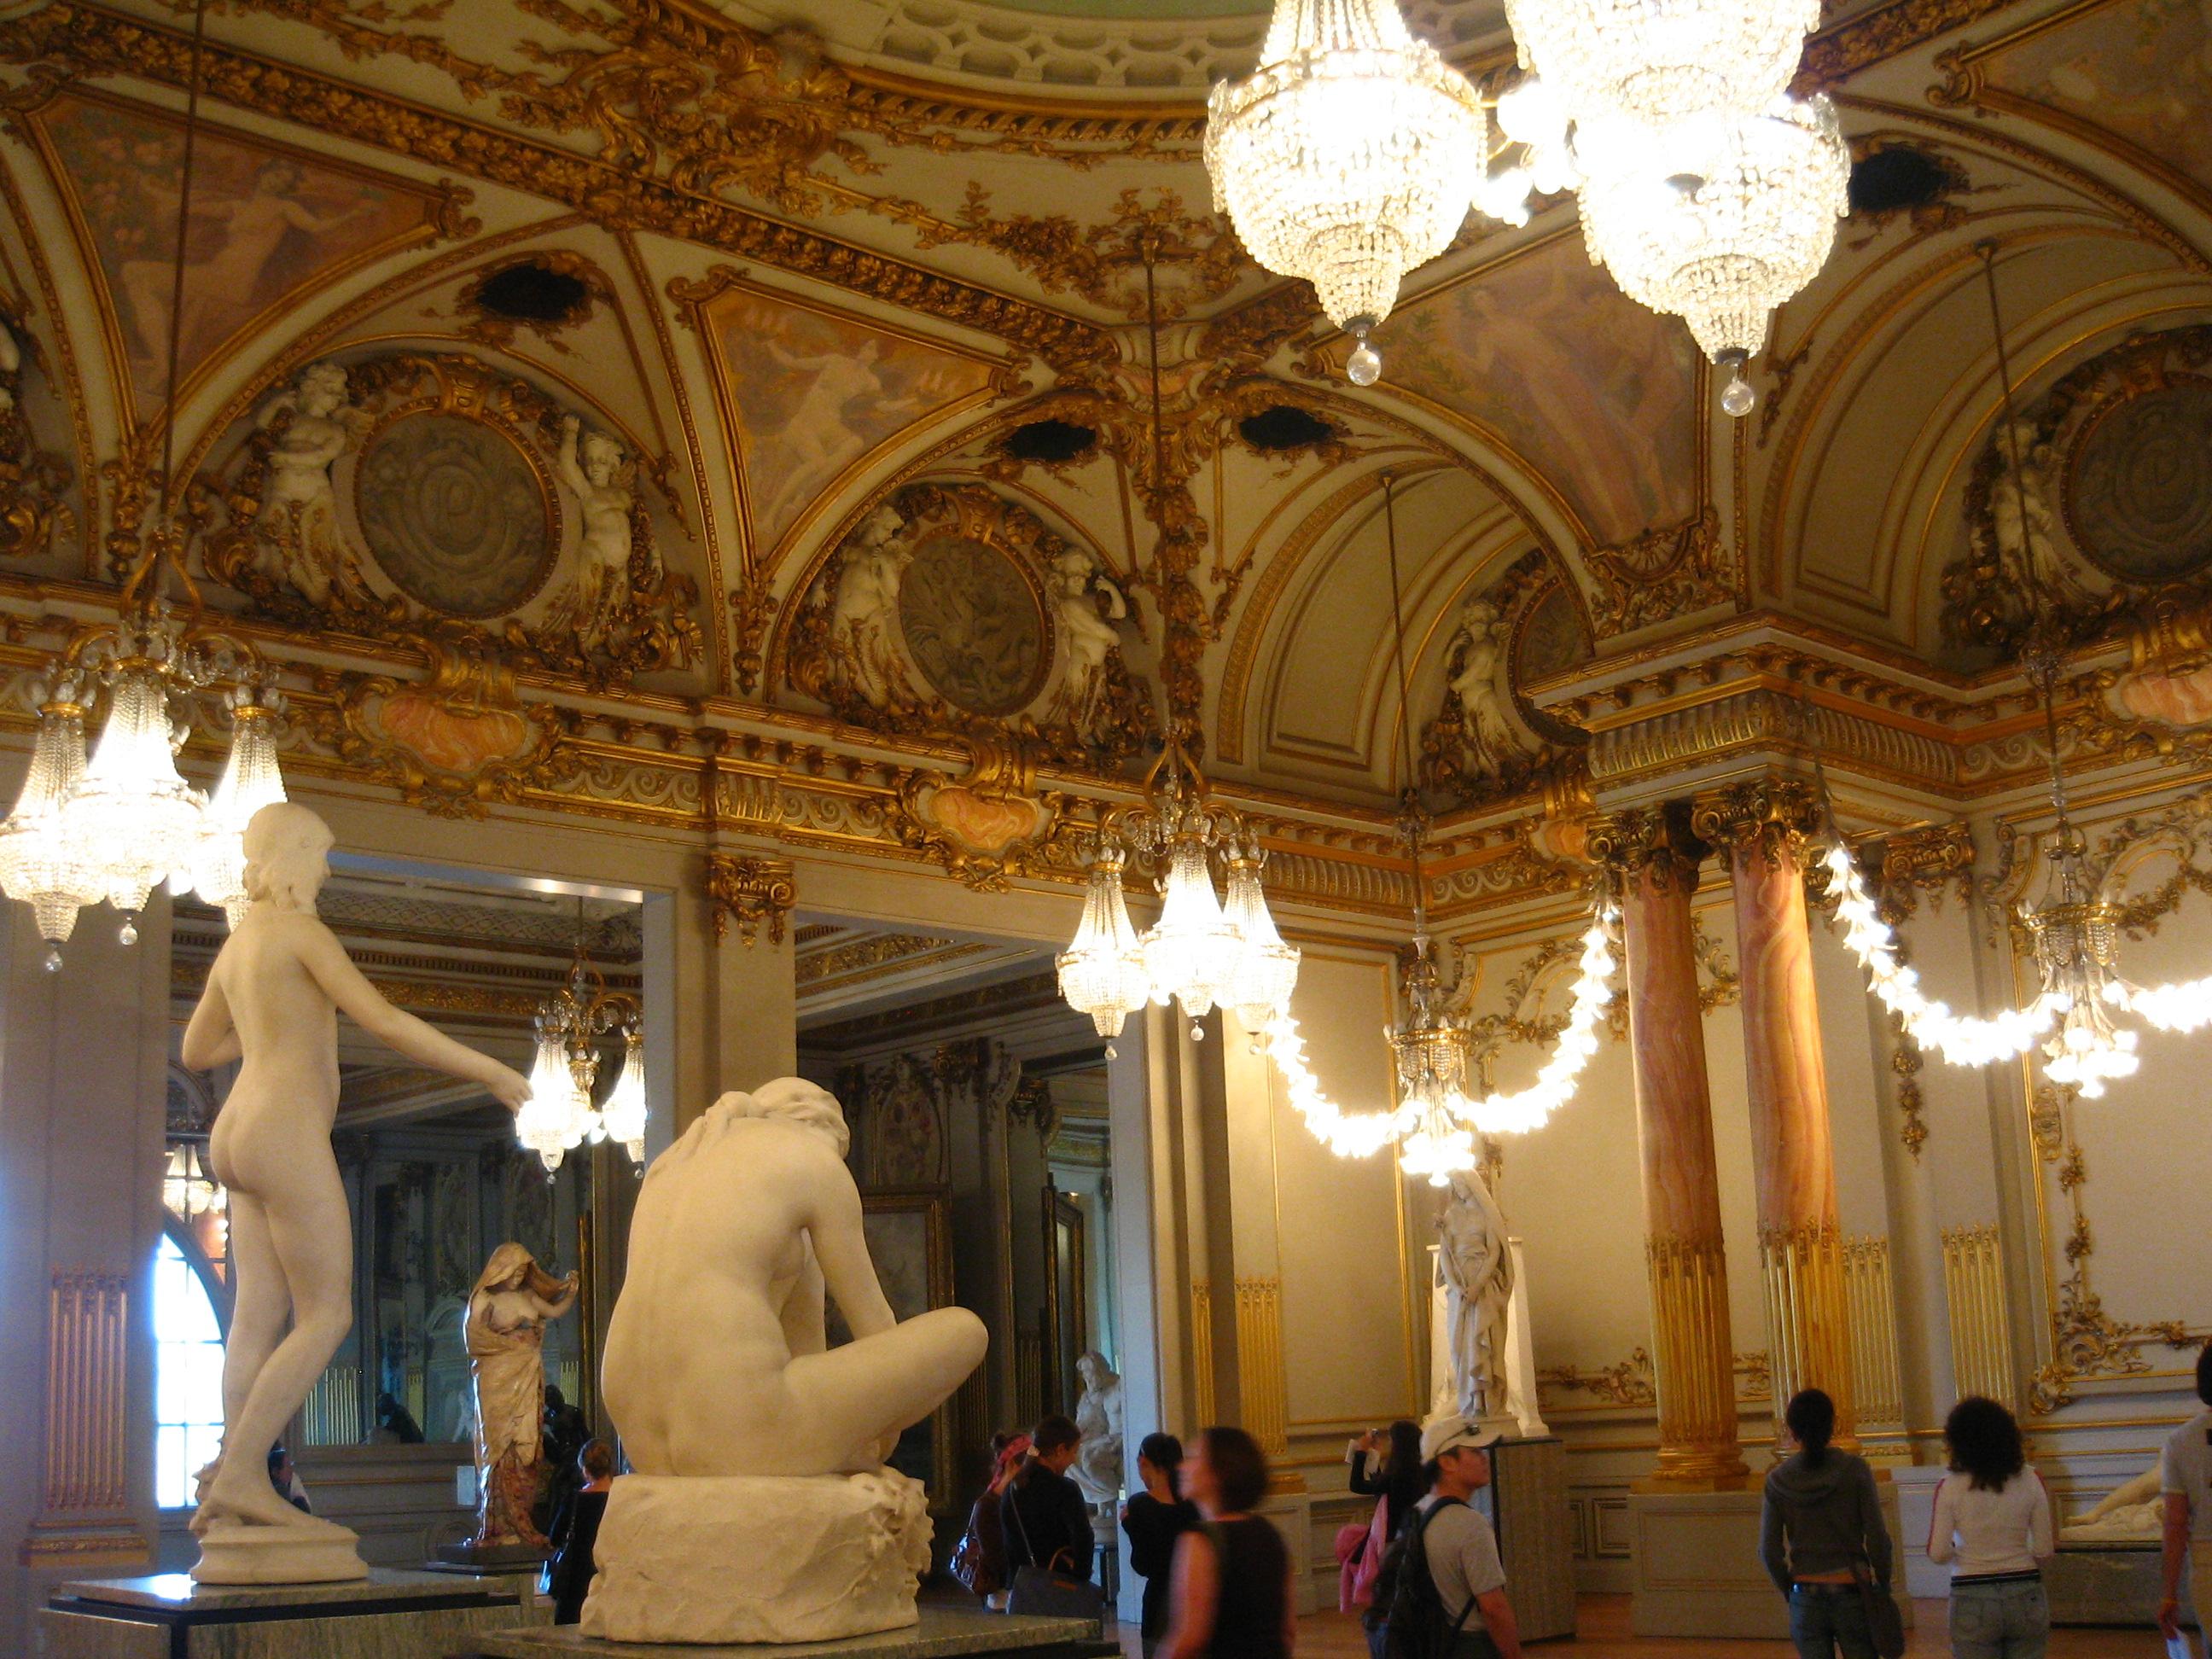 Ballroom at the Musee d'Orsay